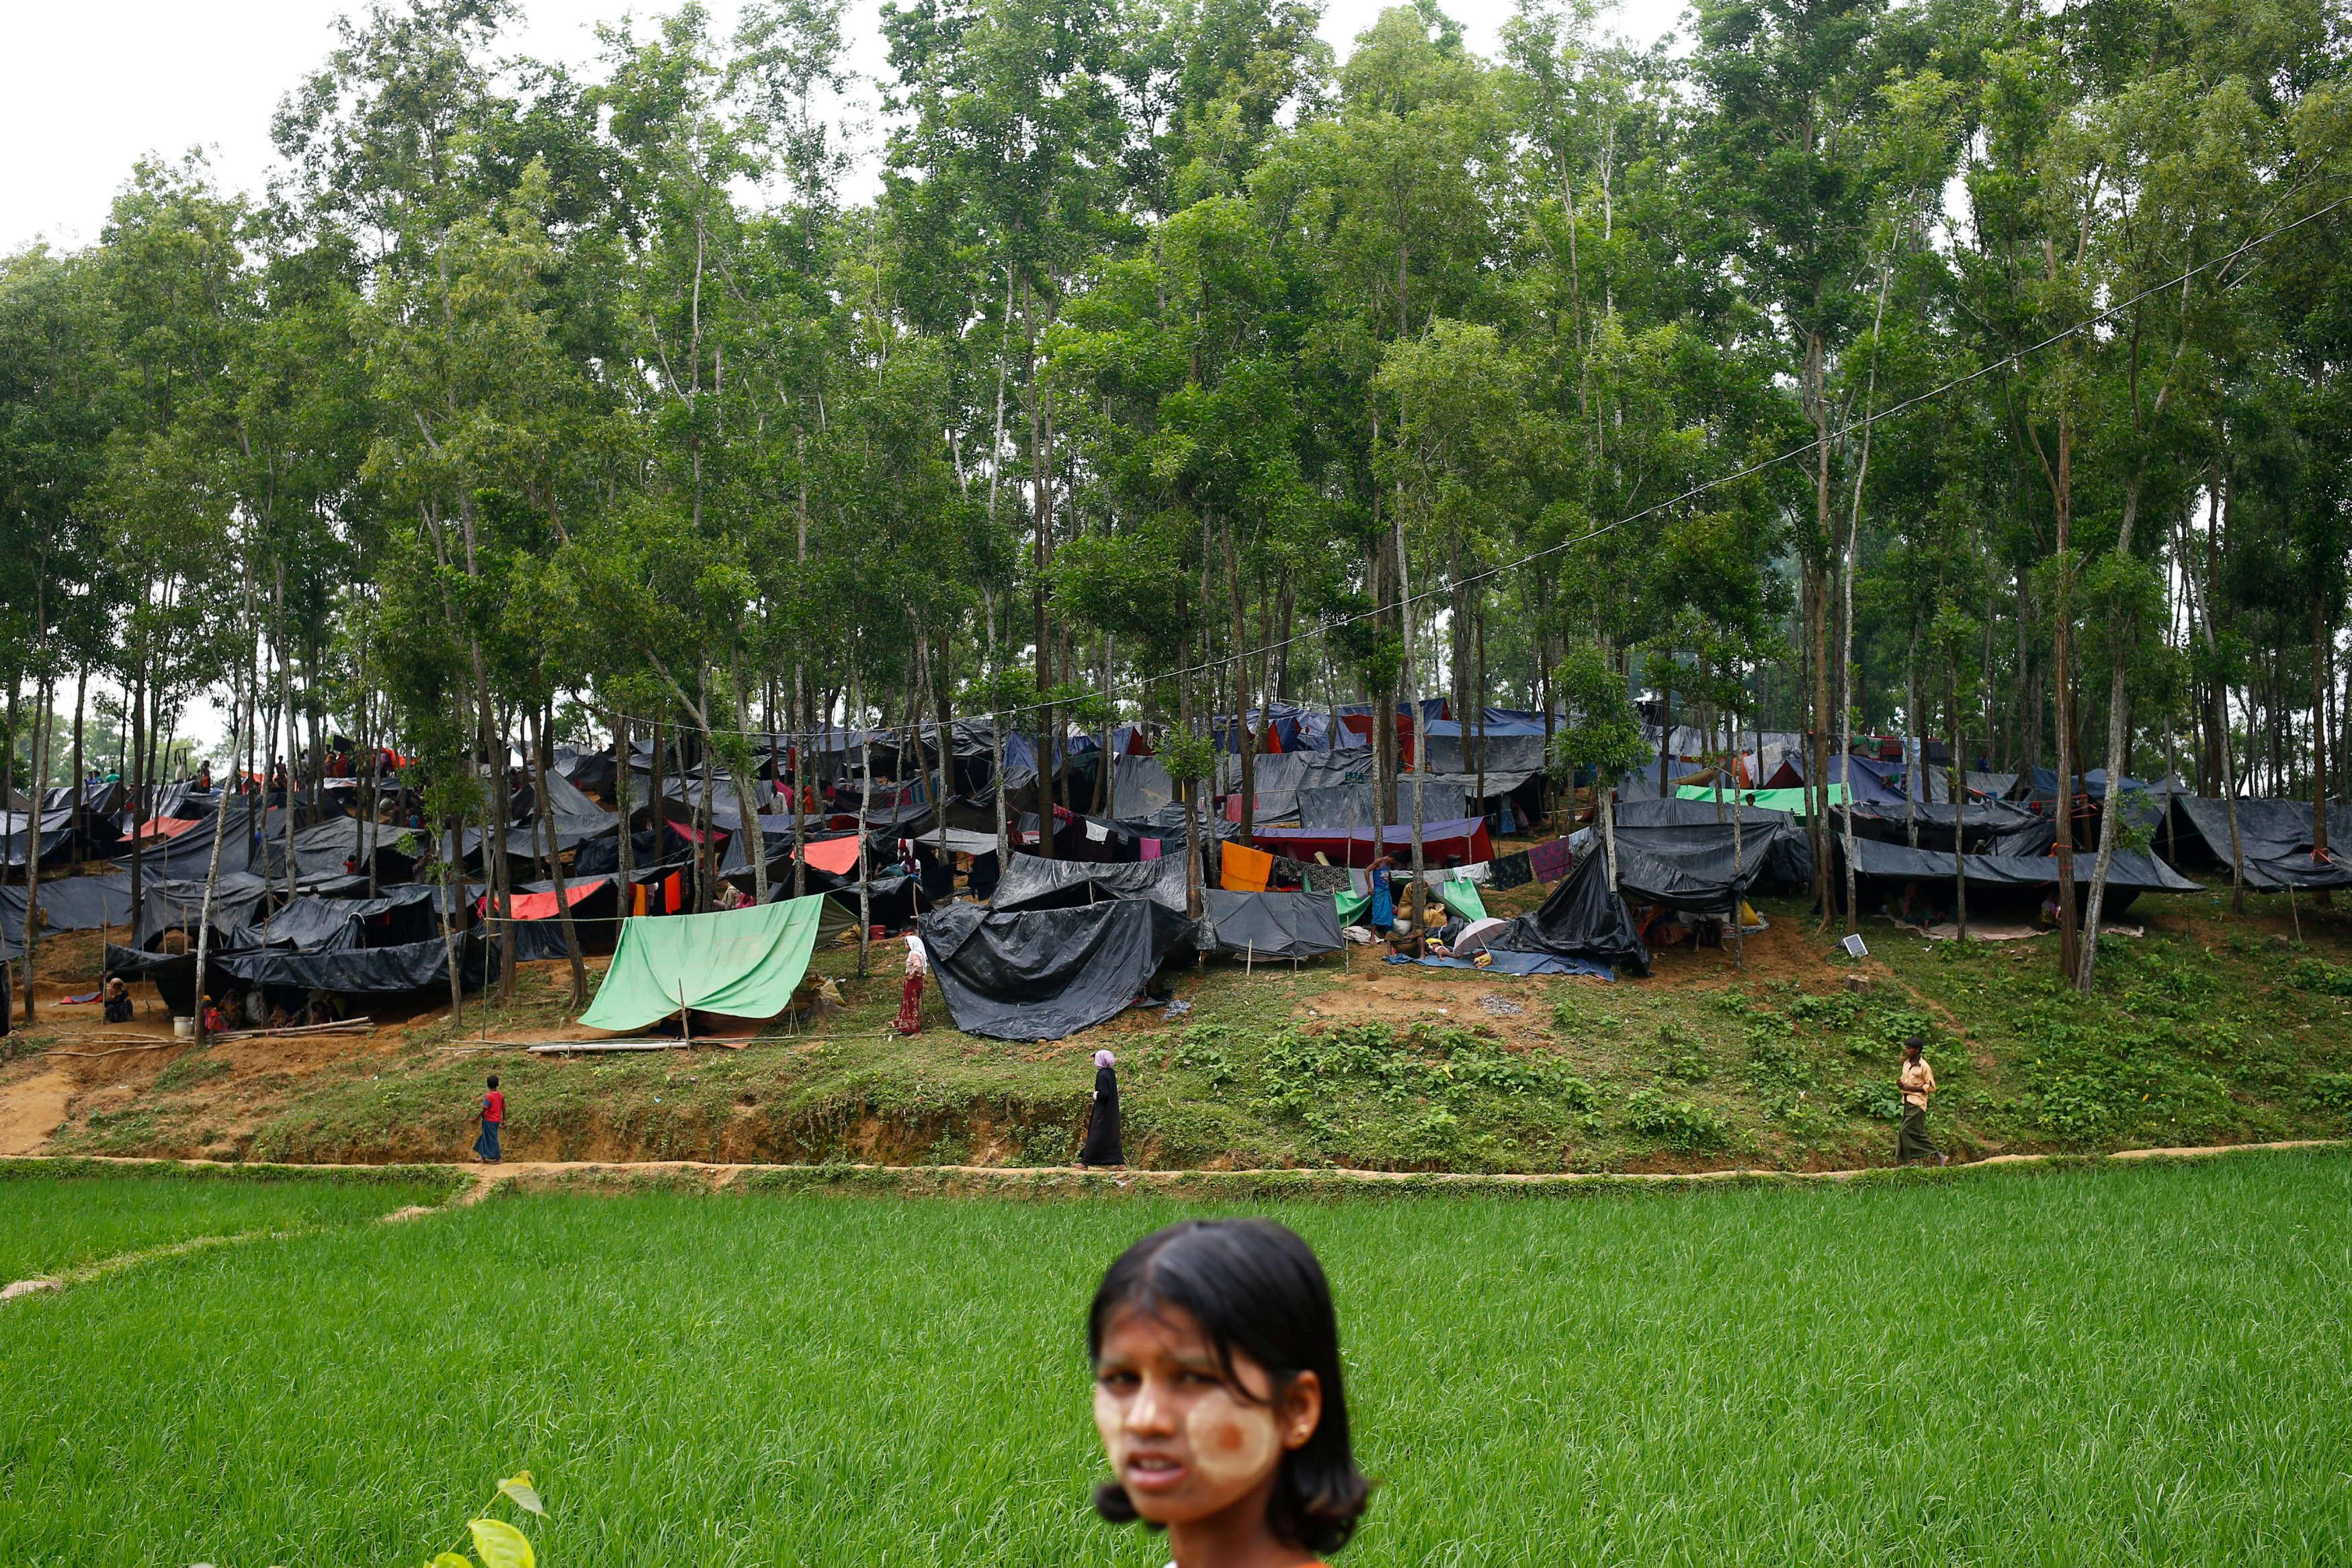 Le secrétaire général de l'Organisation des Nations unies, Antonio Guterres, a réagi la semaine dernière pour appeler les forces de sécurité birmanes à fairepreuve de «retenue» afin d'éviter une «catastrophe humanitaire».